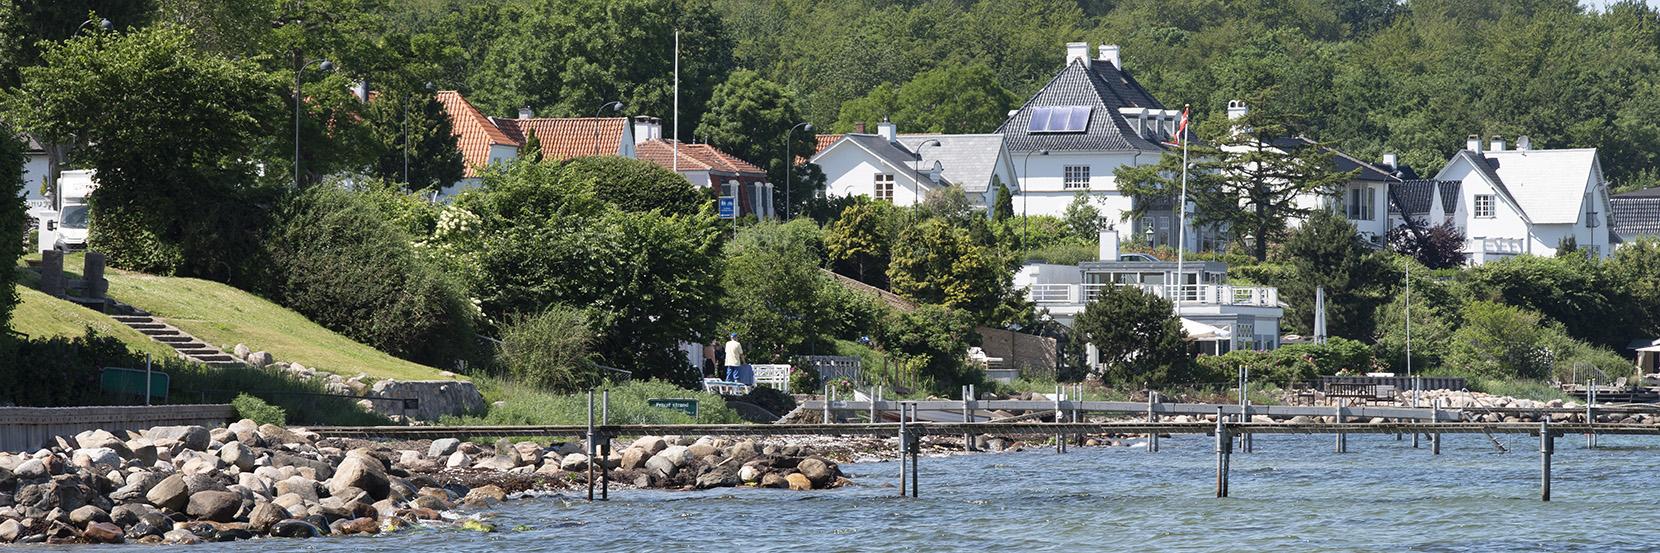 Øresundskysten ved Skodsborg, hvor havet møder skov og by med smukke villaer